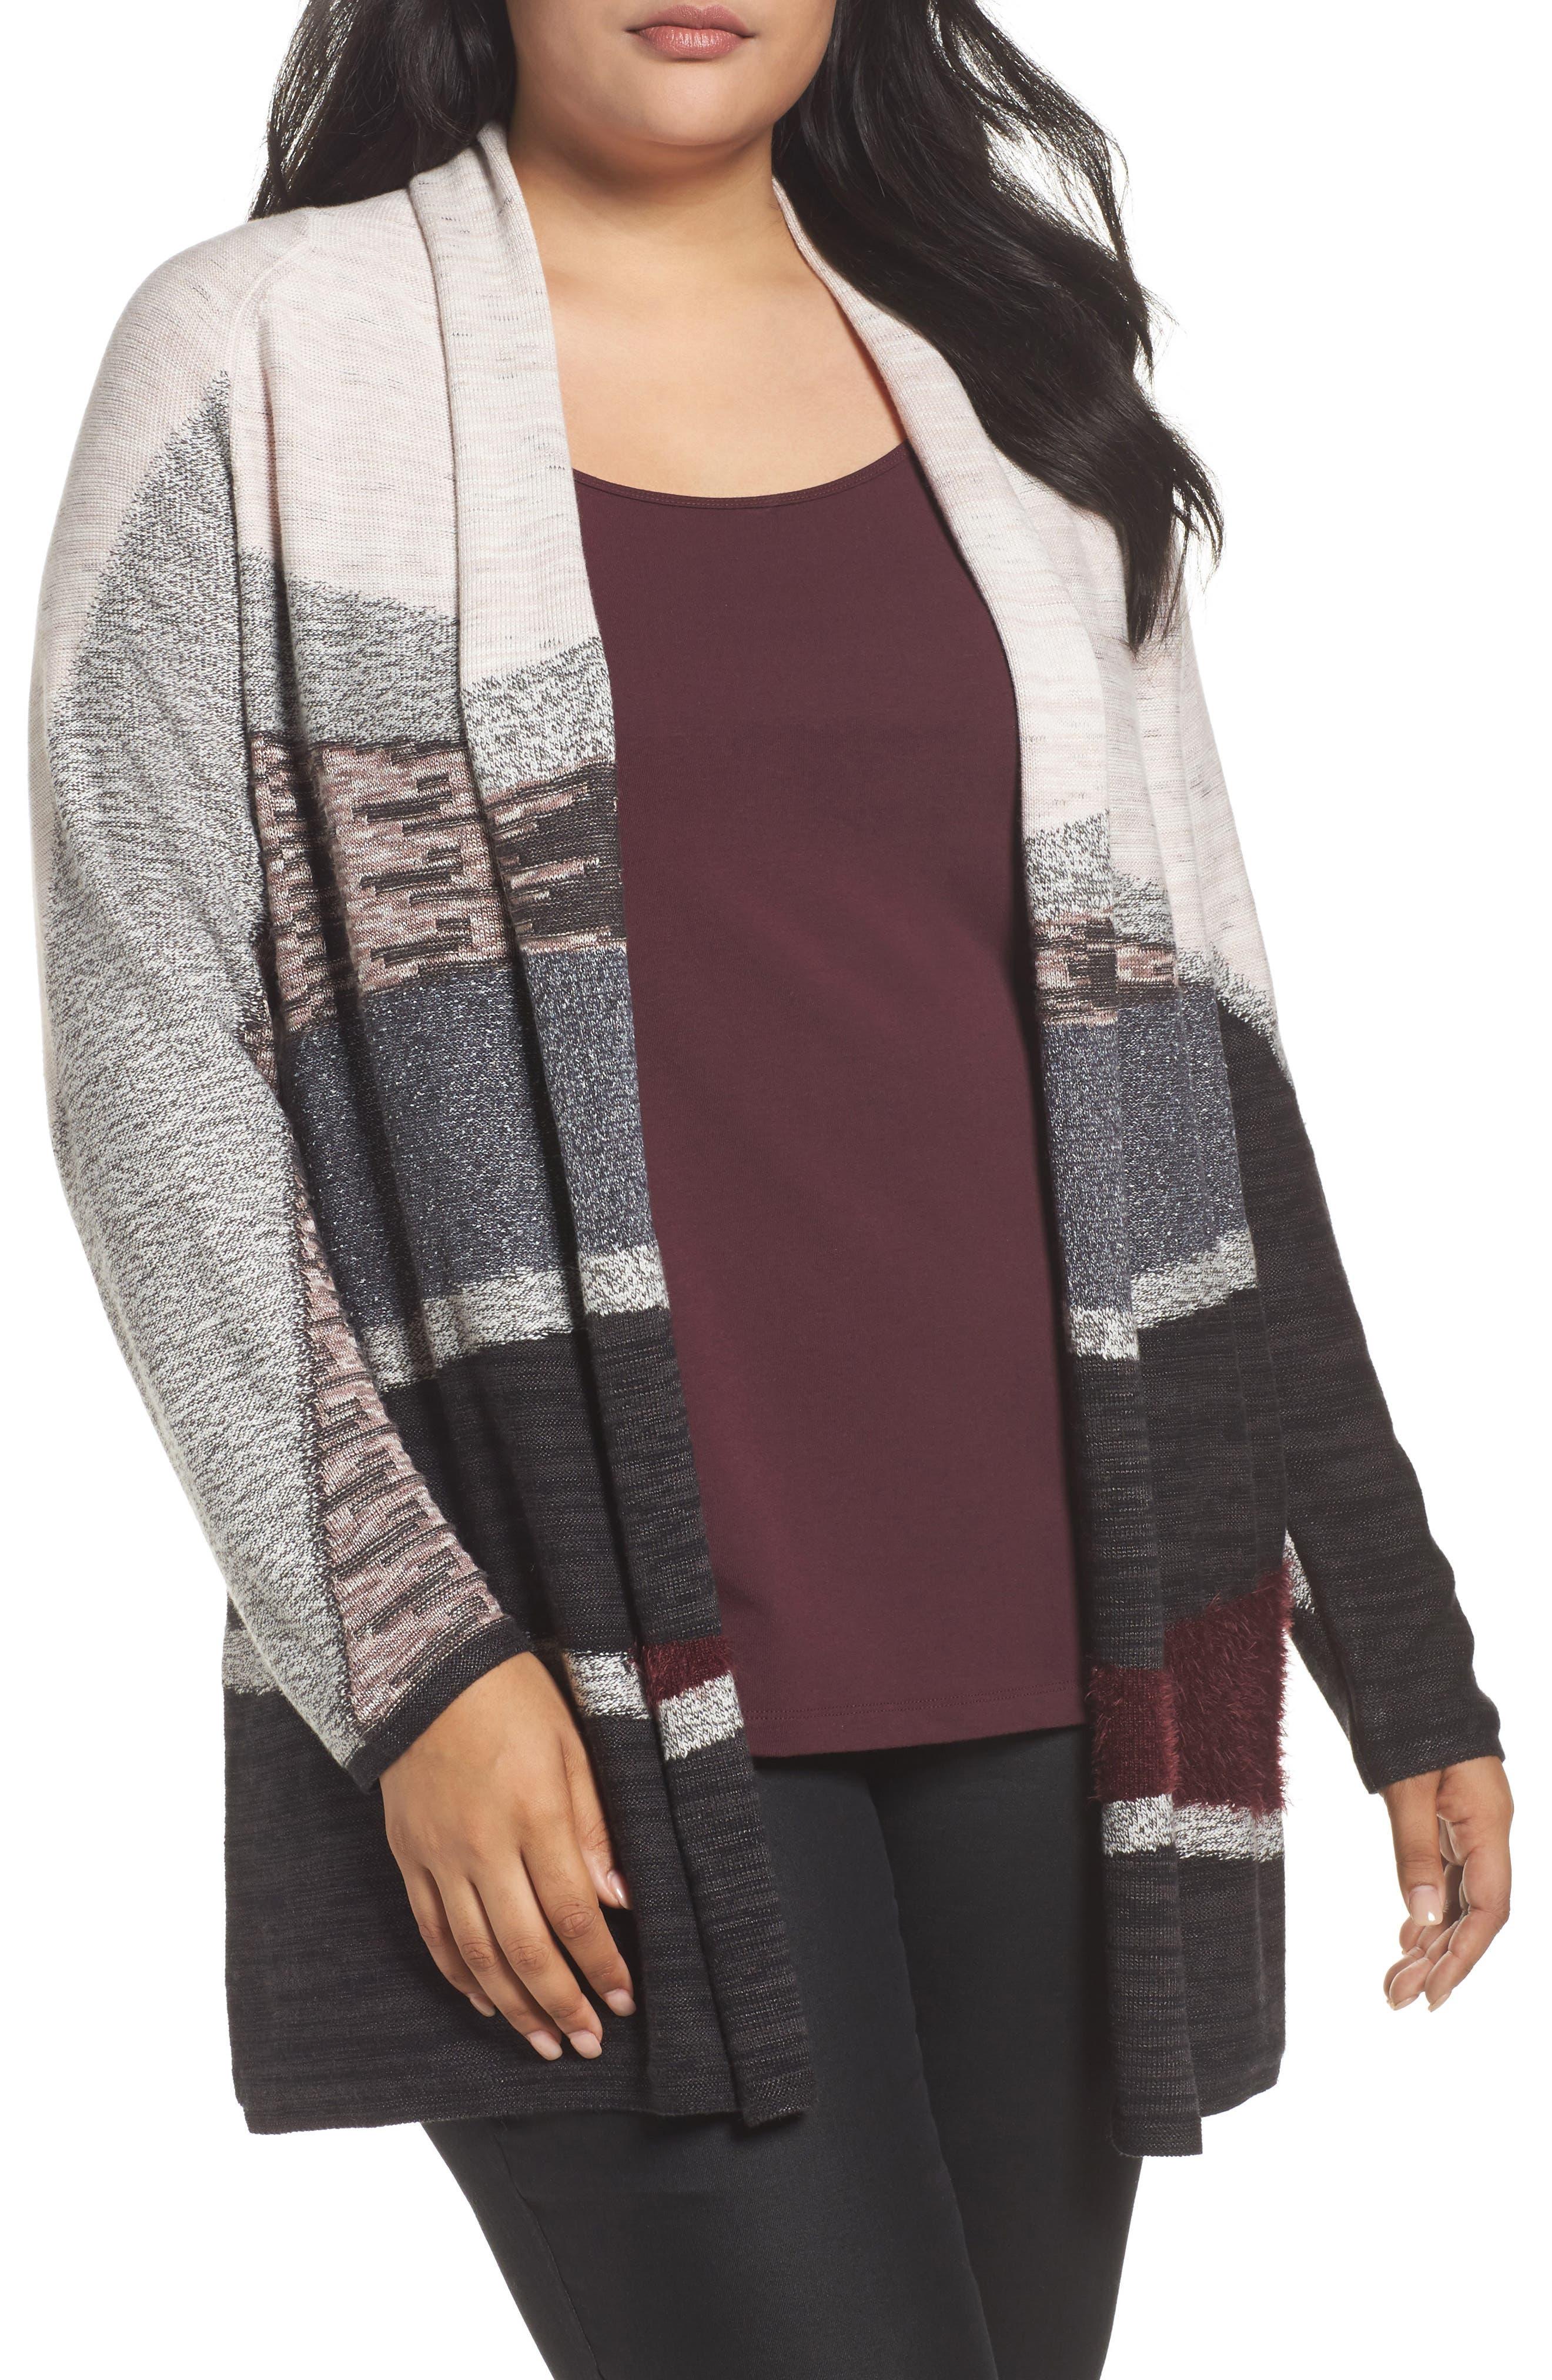 Main Image - NIC+ZOE Dynasty Cardigan (Plus Size)